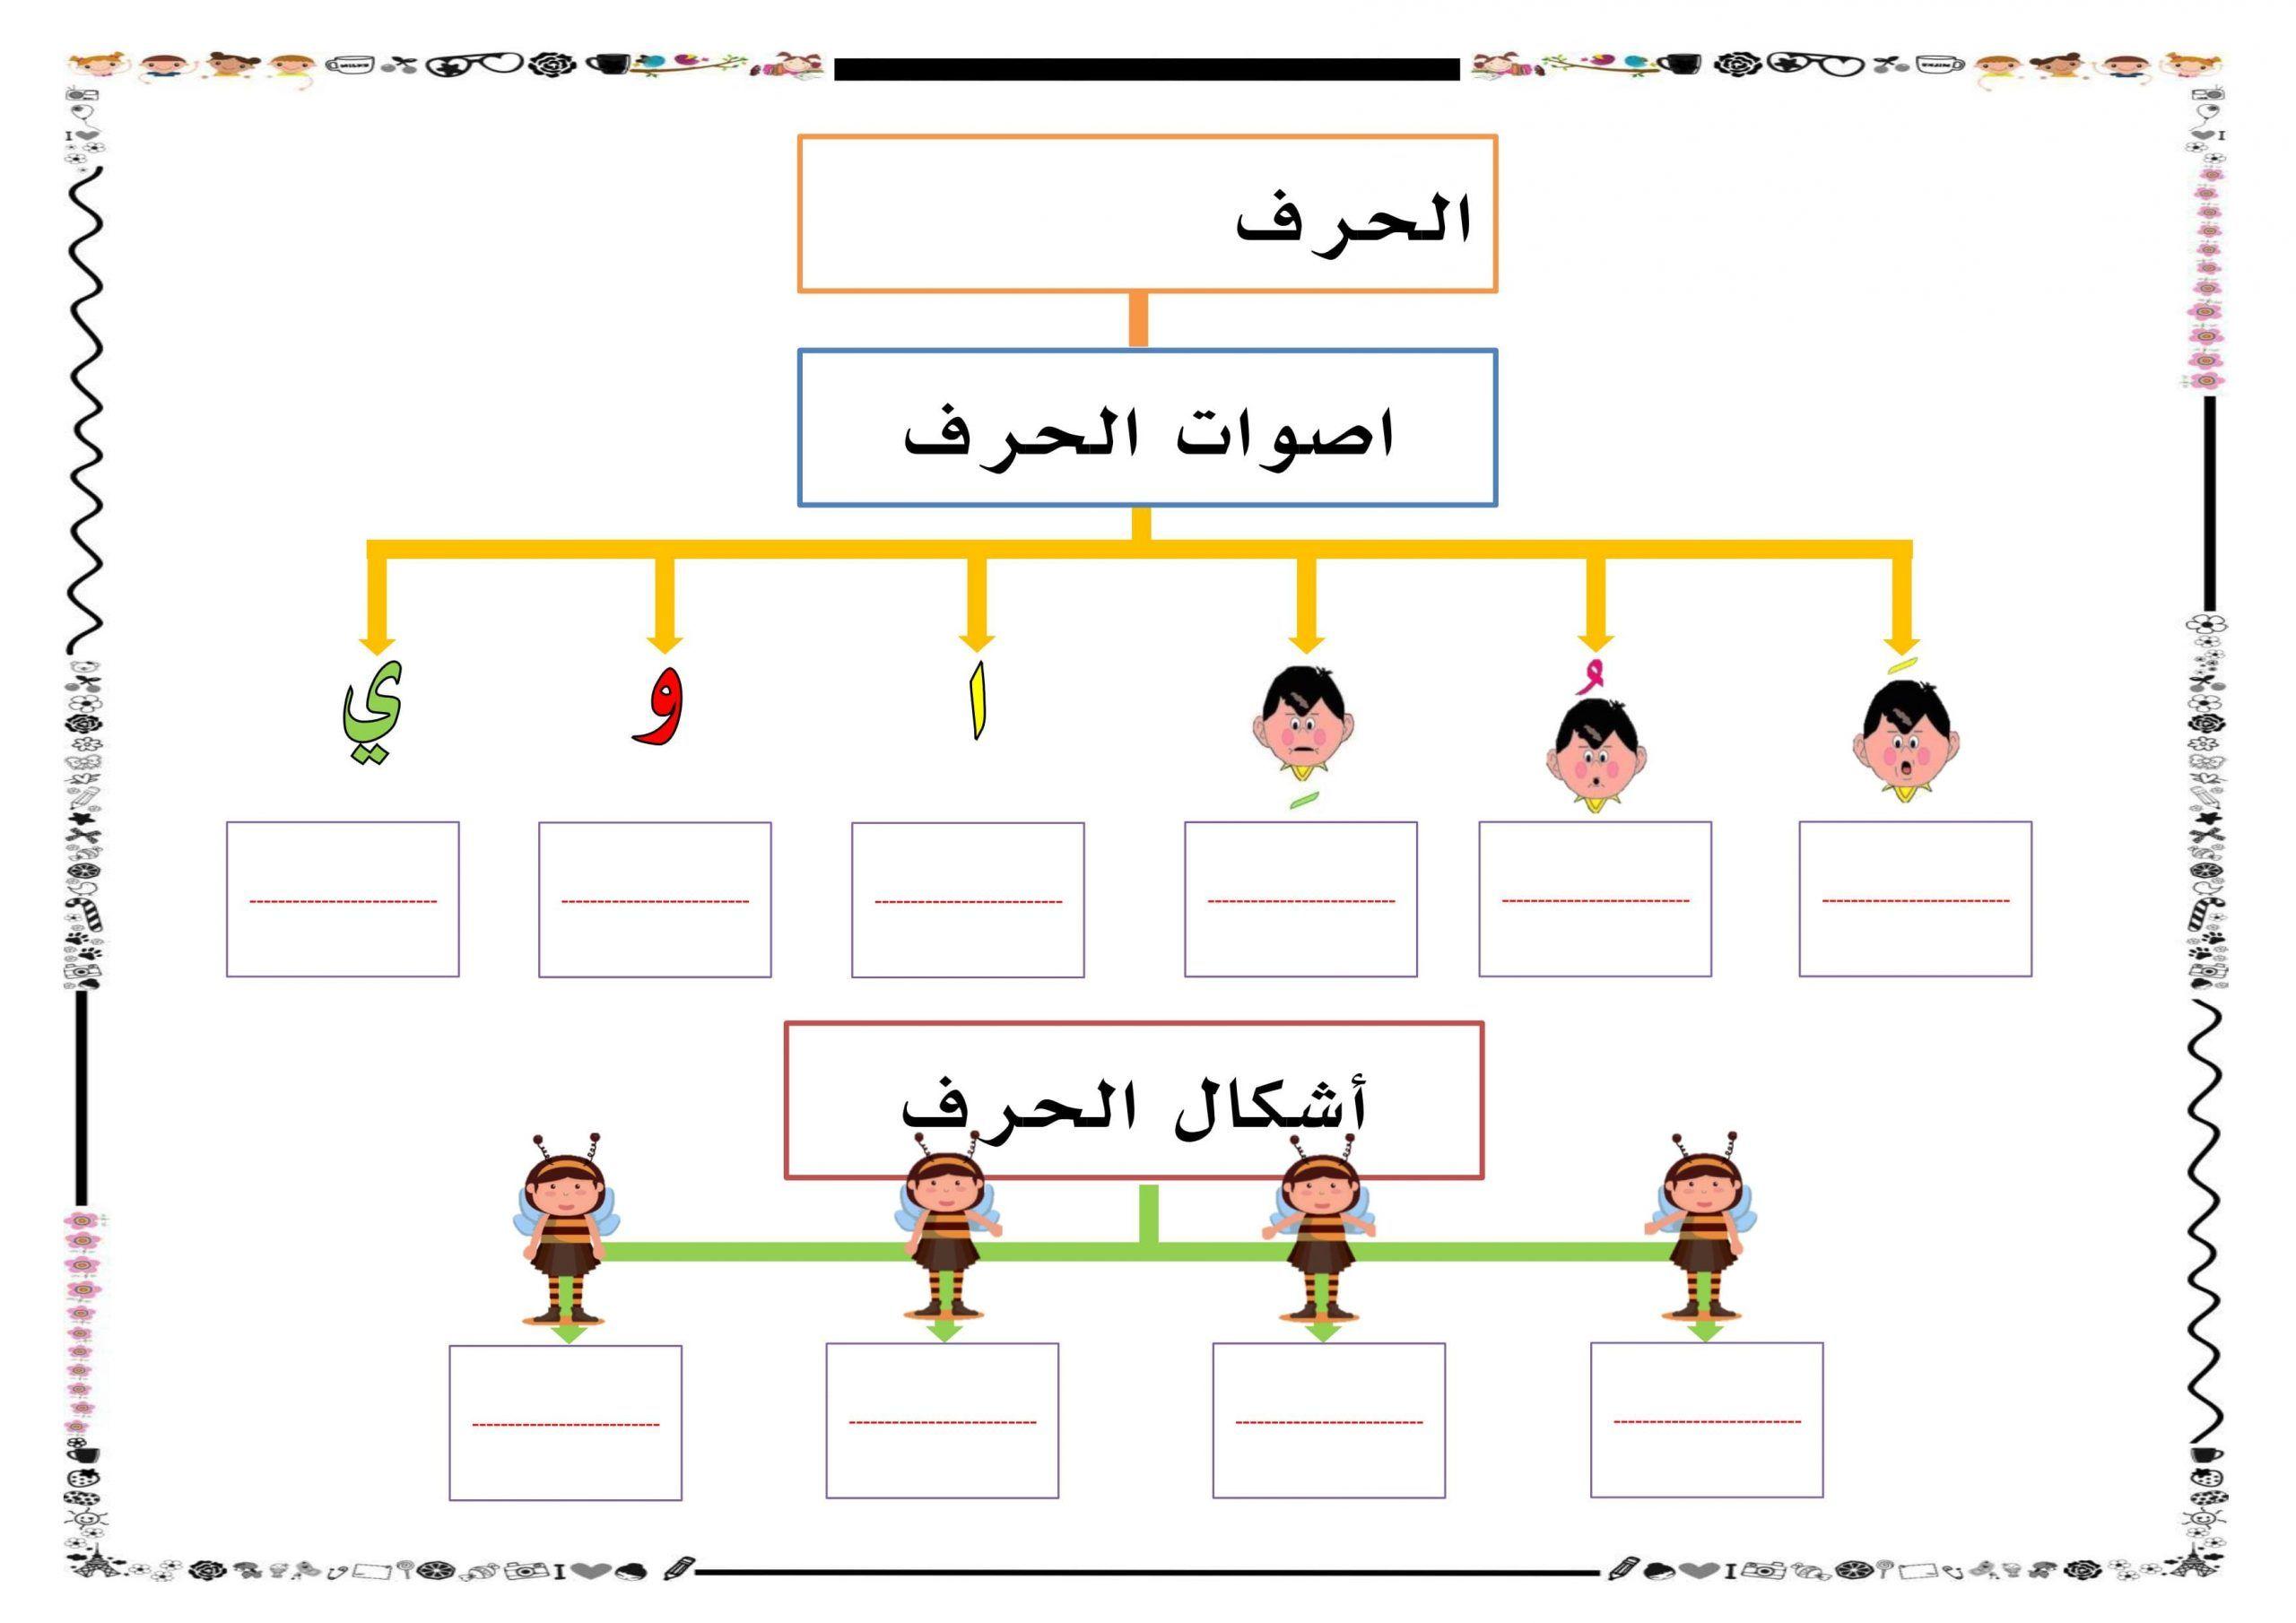 ورقة عمل لصوت وشكل الحرف مع المدود بتصميم رائع للاطفال